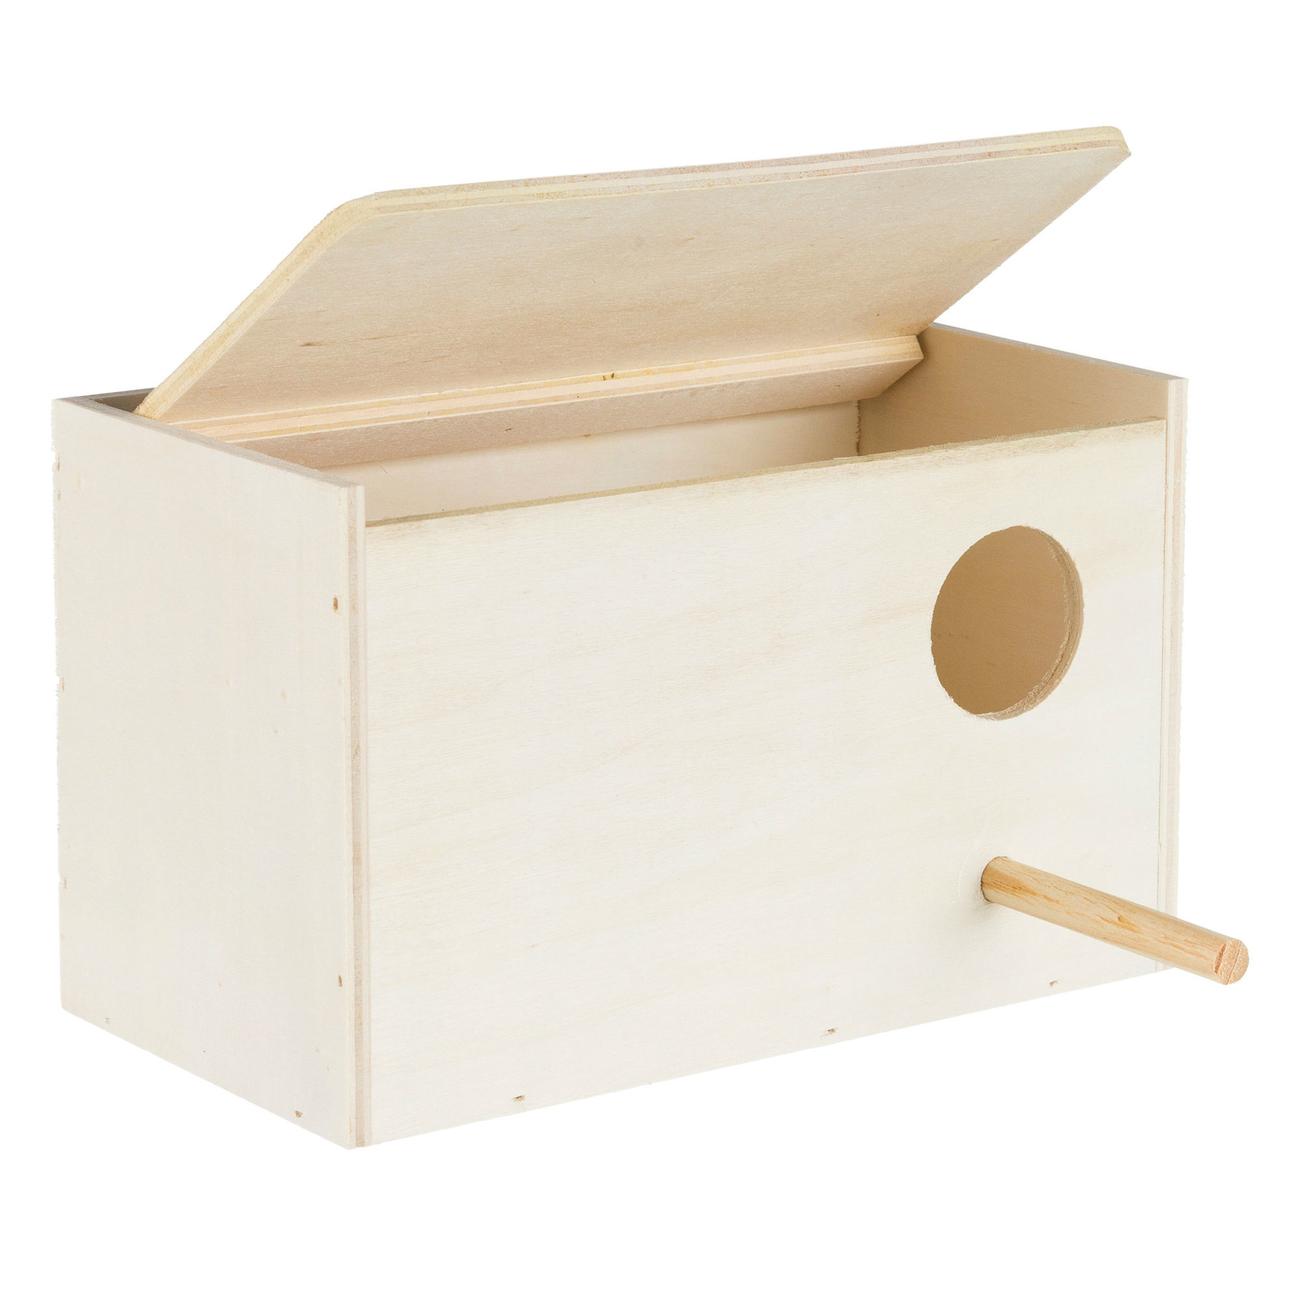 Trixie Vogel Nistkasten aus Holz, für Sittiche, Holz, 21×13×12 cm